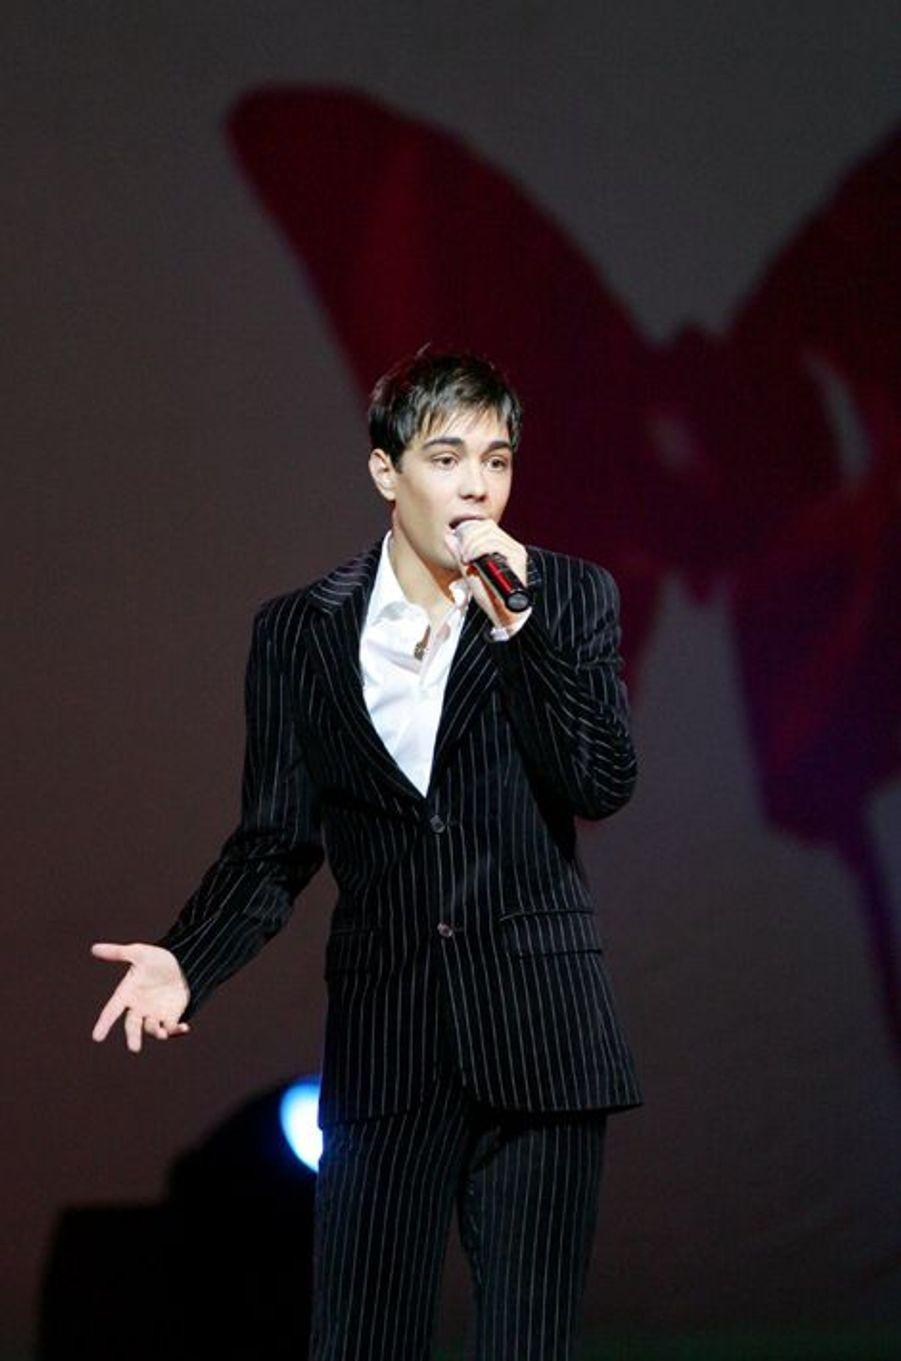 Grégory Lemarchal sur scène pour le gala Faire Face, qui récolte des dons pour la lutte contre le Sida, en octobre 2005